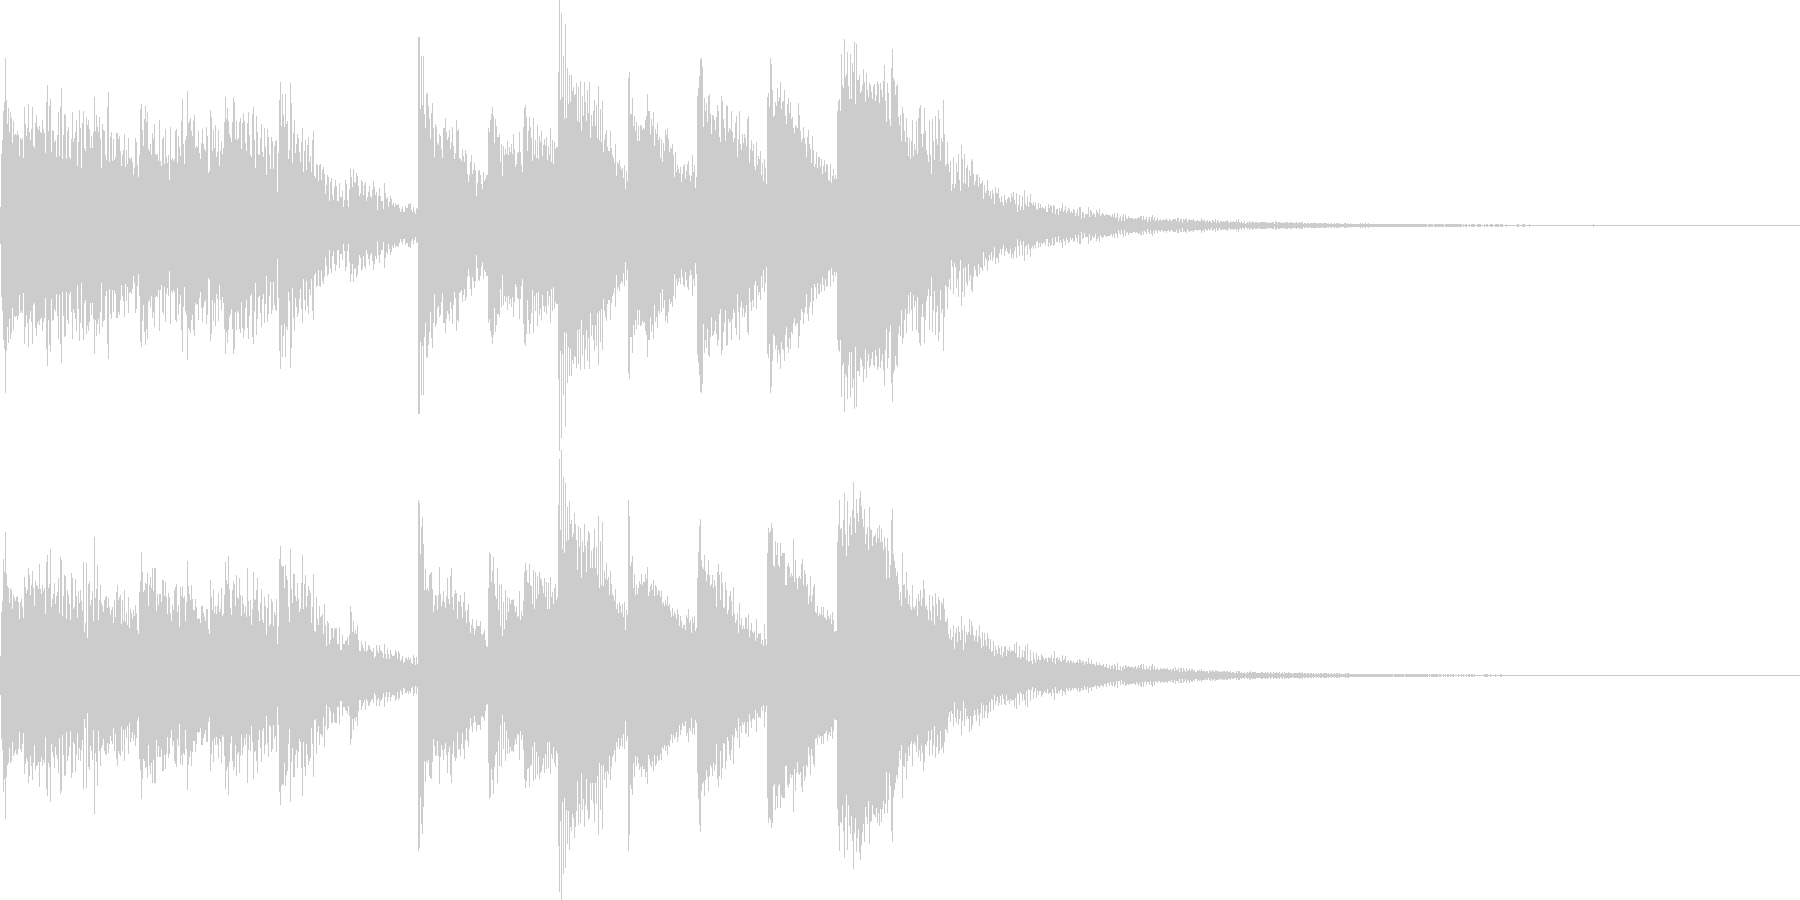 ジングル(ほのぼの・メルヘン・マリンバ)の未再生の波形